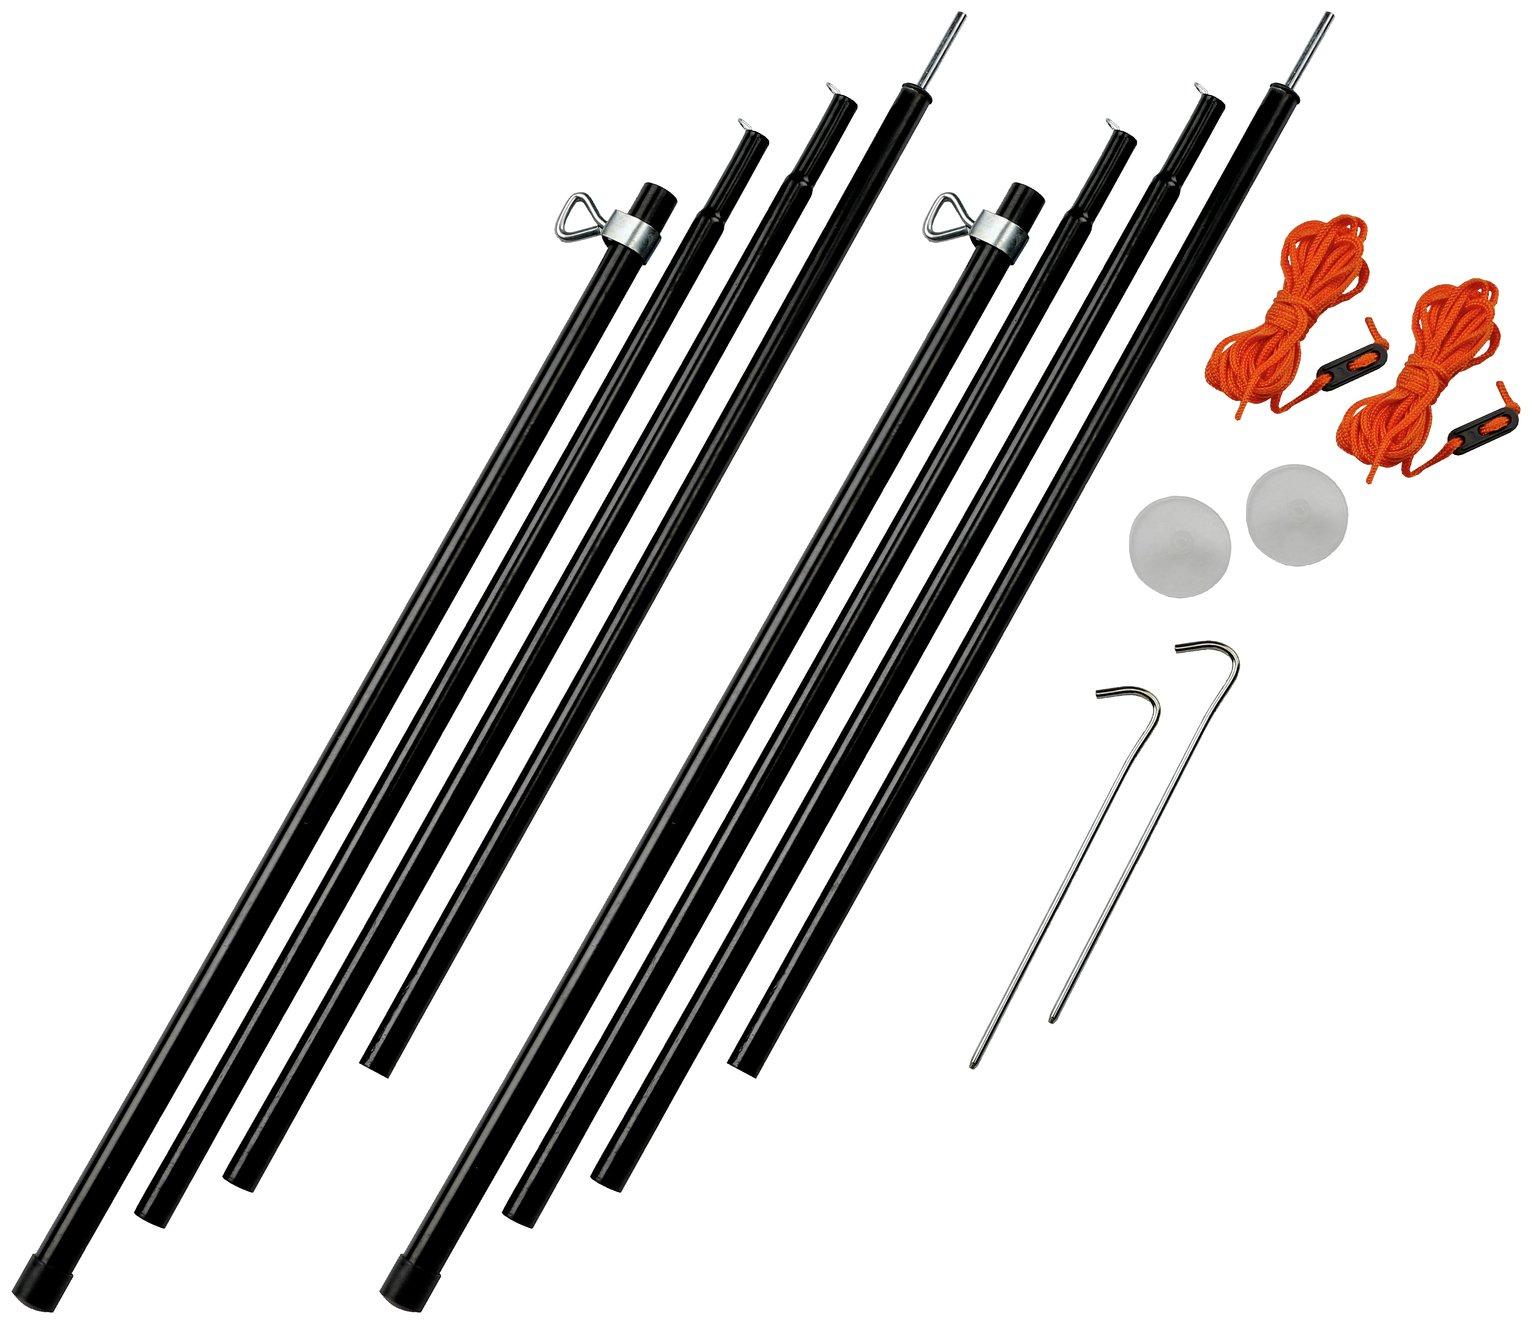 Vango Adjustable Steel Poles - 180-220cm